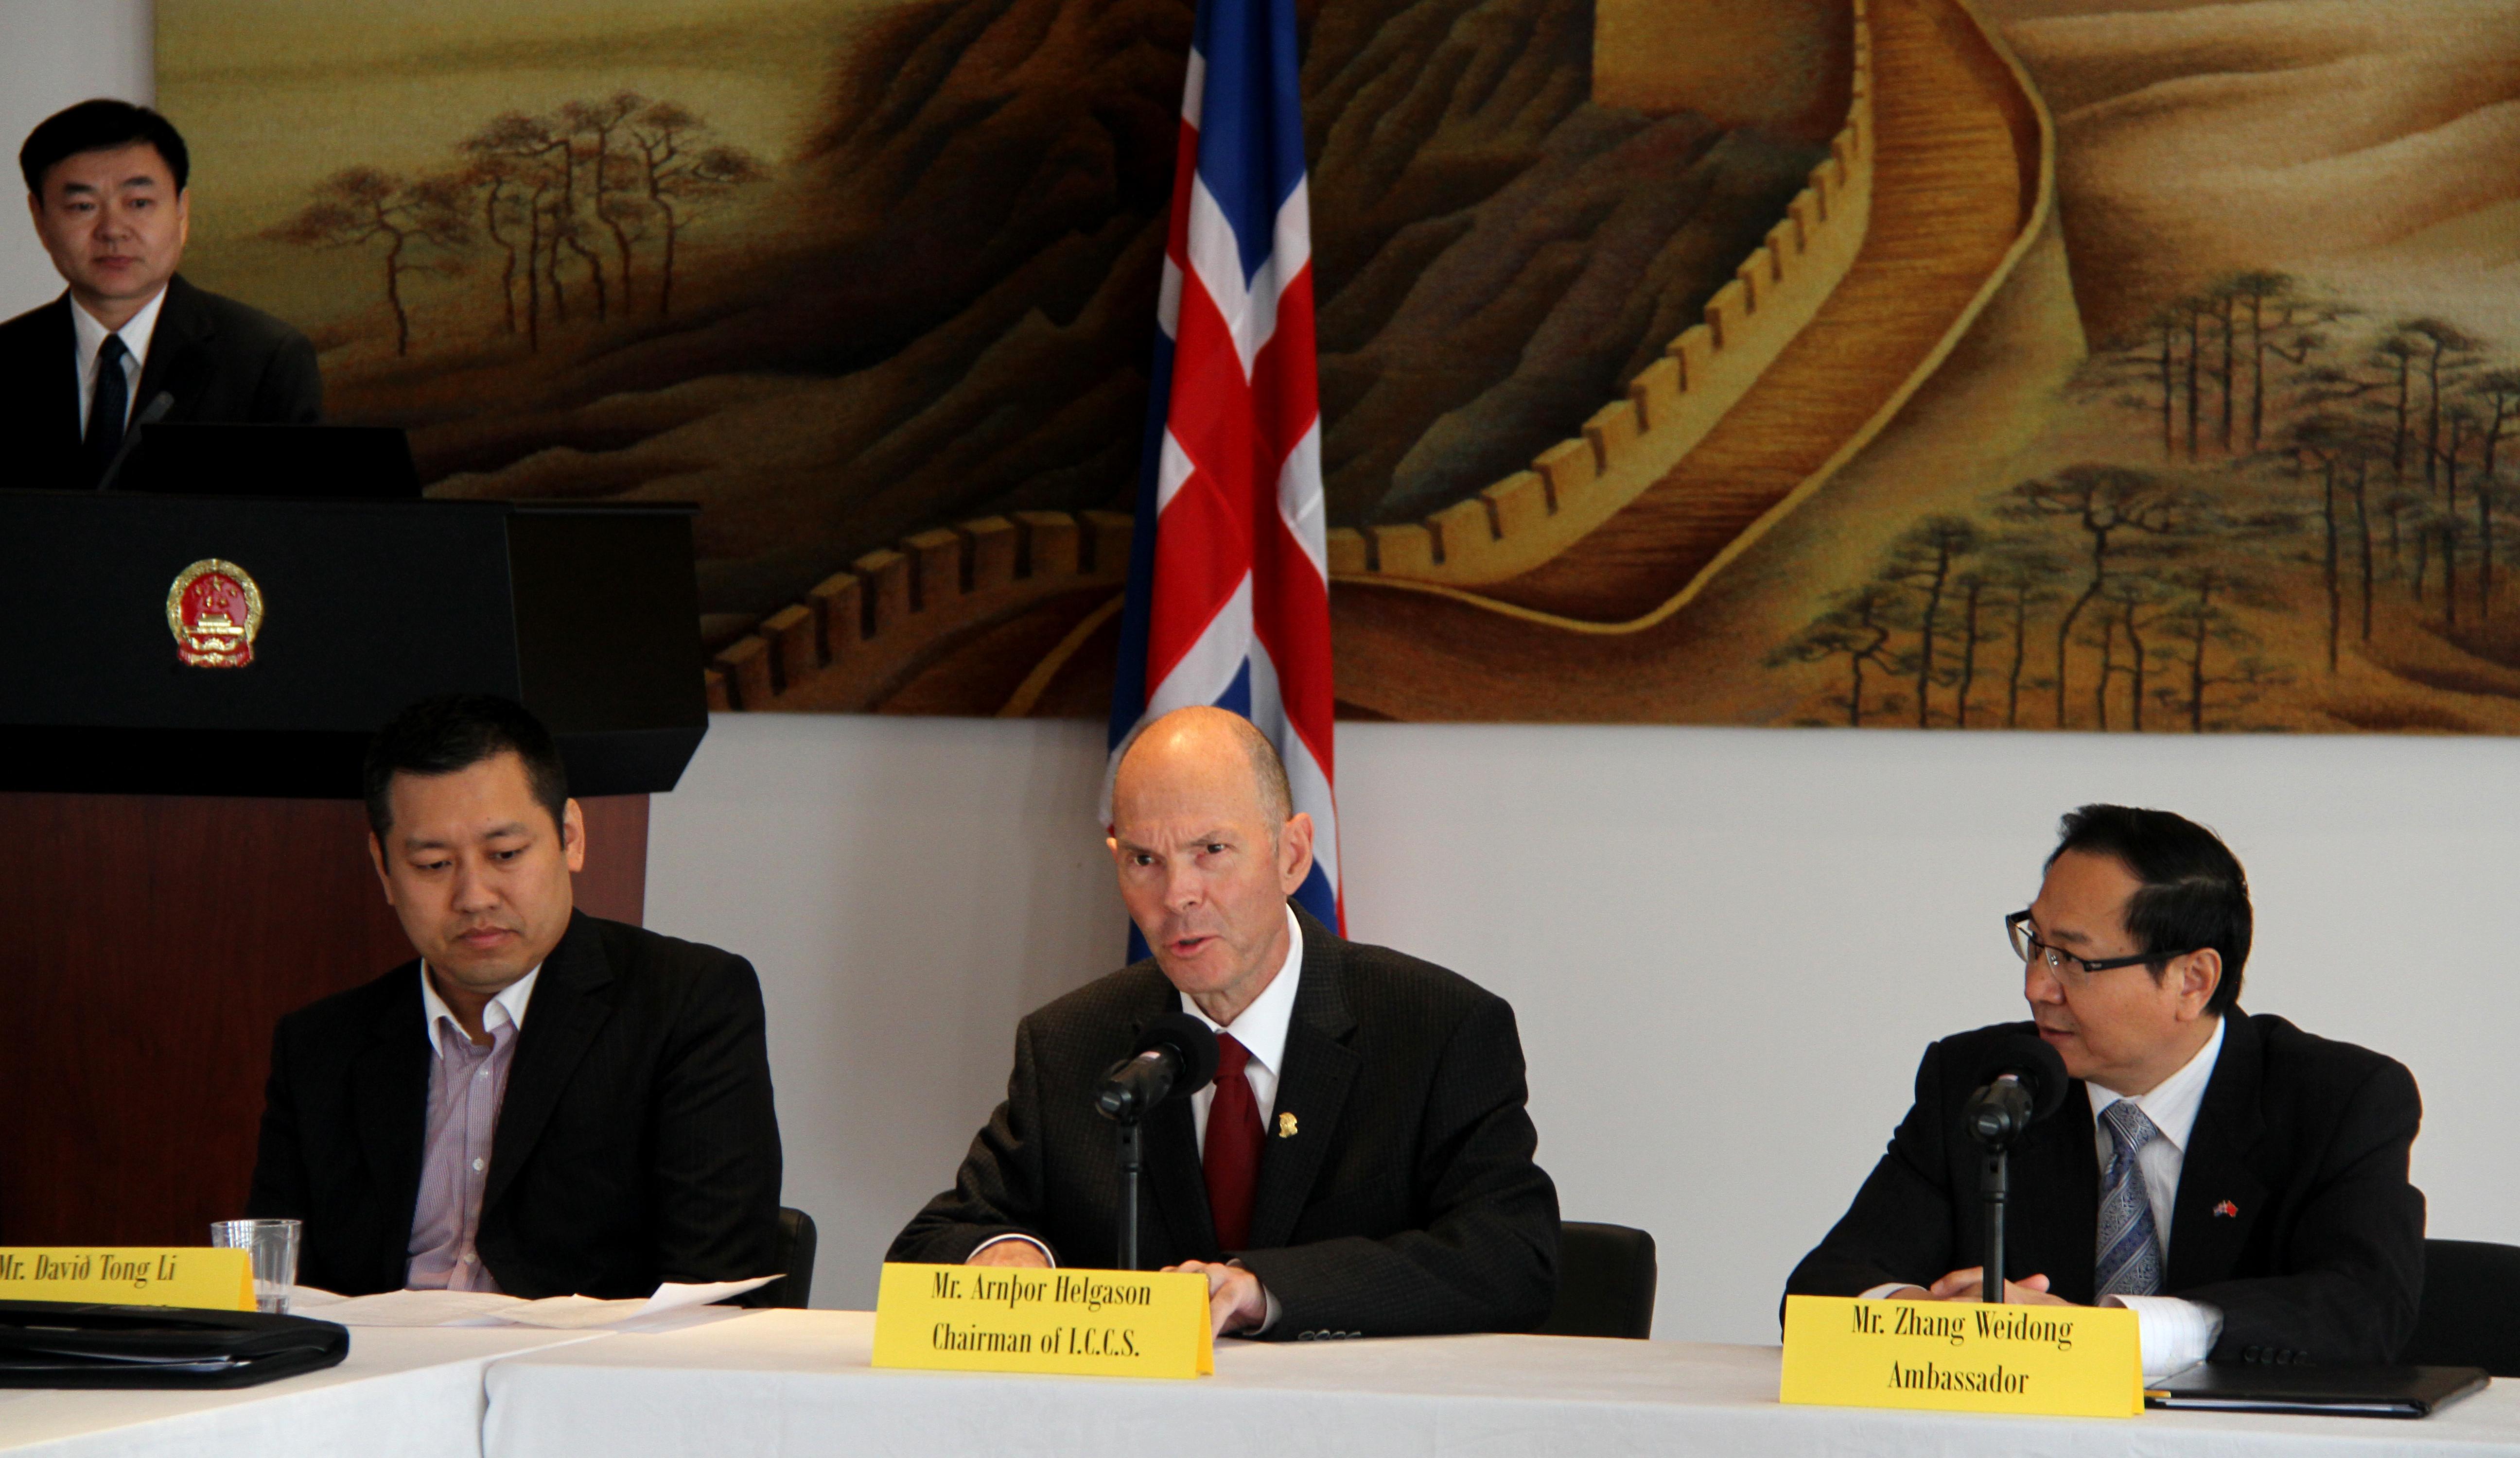 Frá vinstri: Davíð Tong Li, Arnþór Helgason og Zhang Weidong.